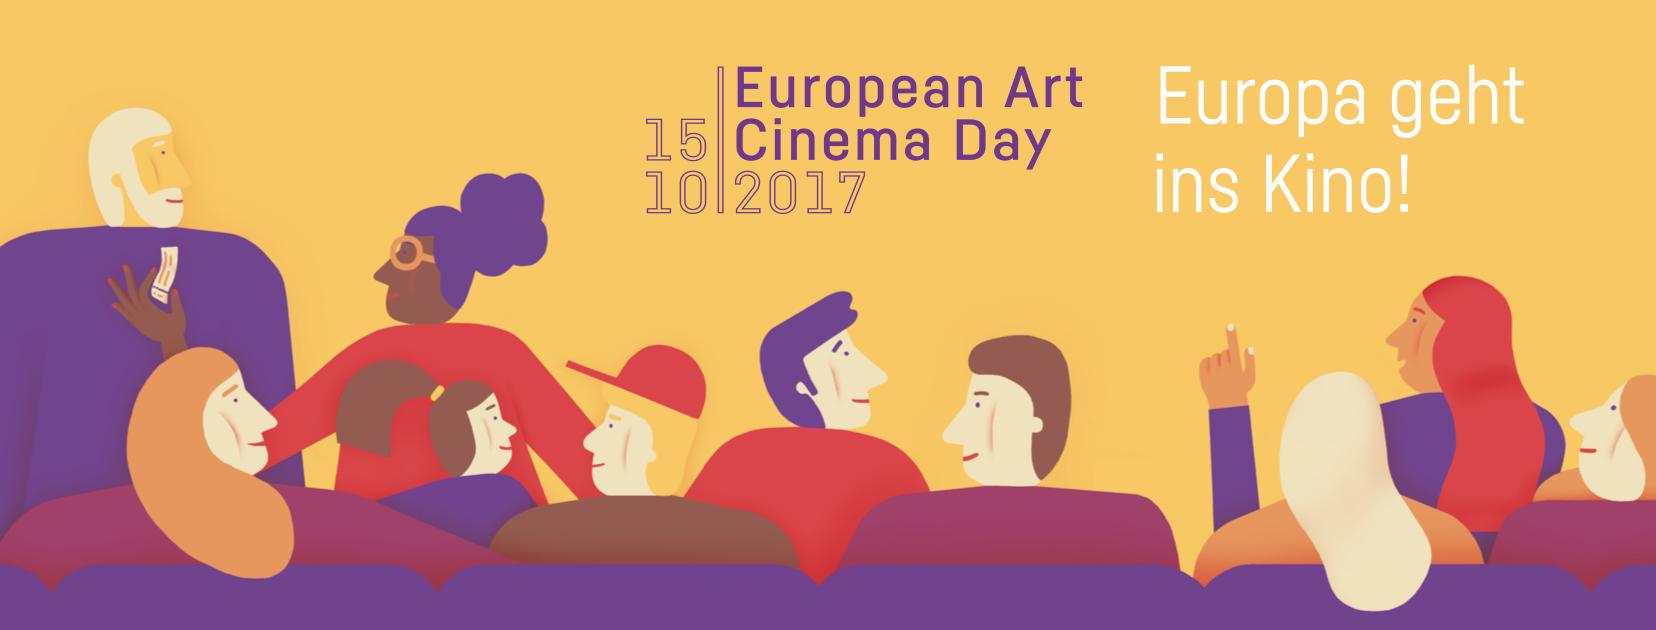 European Art Cinema Day erfolgreich!